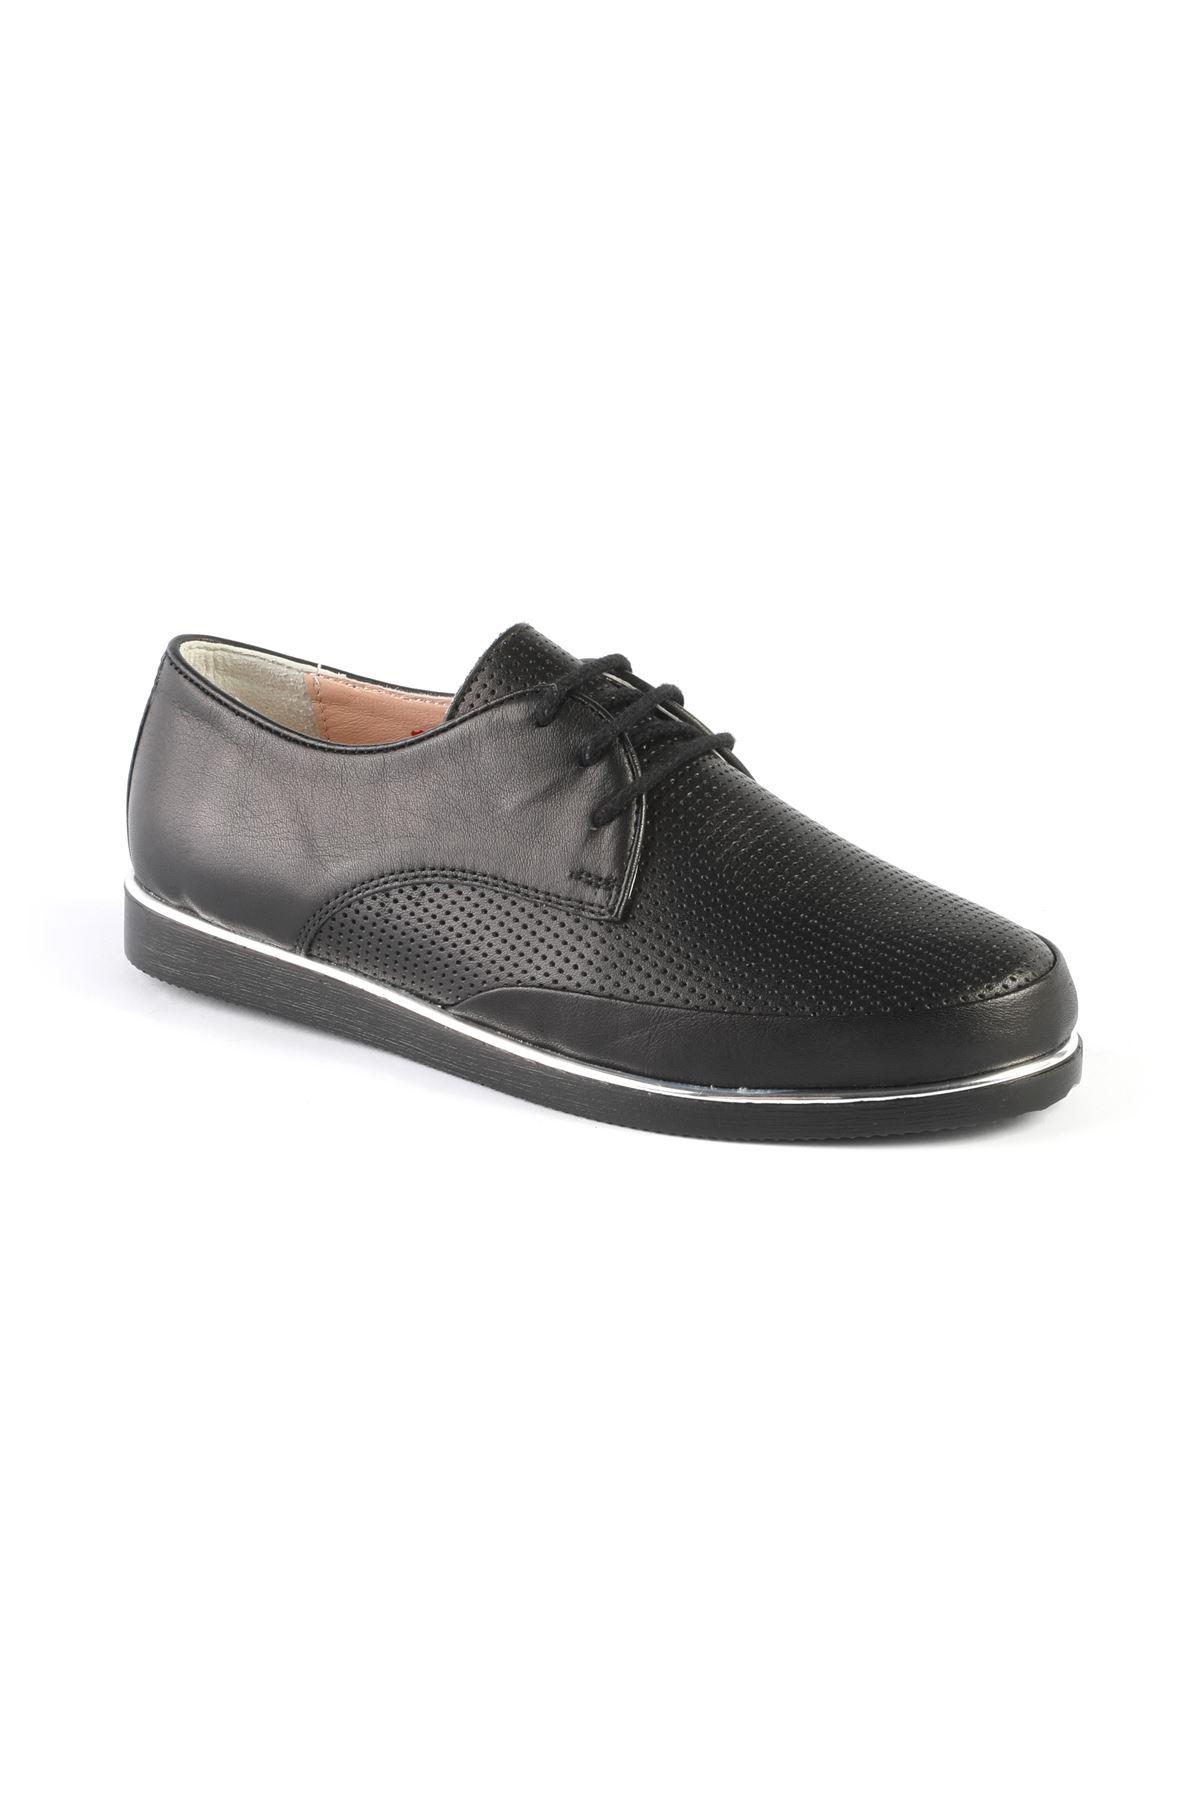 Libero AH8091 Siyah Babet Ayakkabı